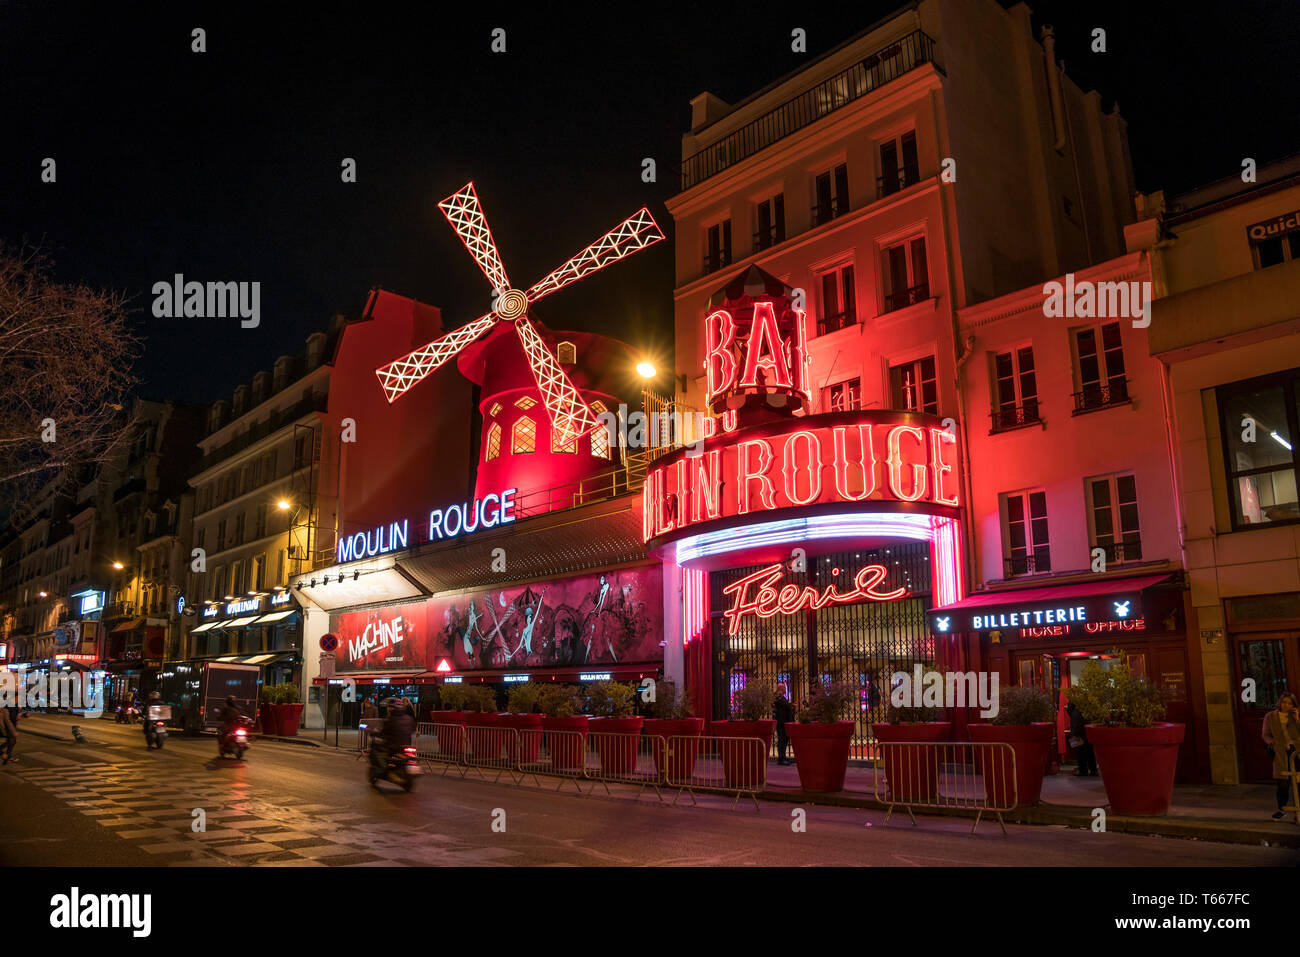 Das beleuchtete Variete Theater Moulin Rouge im Stadtviertel Montmartre Paris, Frankreich  |  iluminated  cabaret theatre Moulin Rouge in Montmartre   - Stock Image